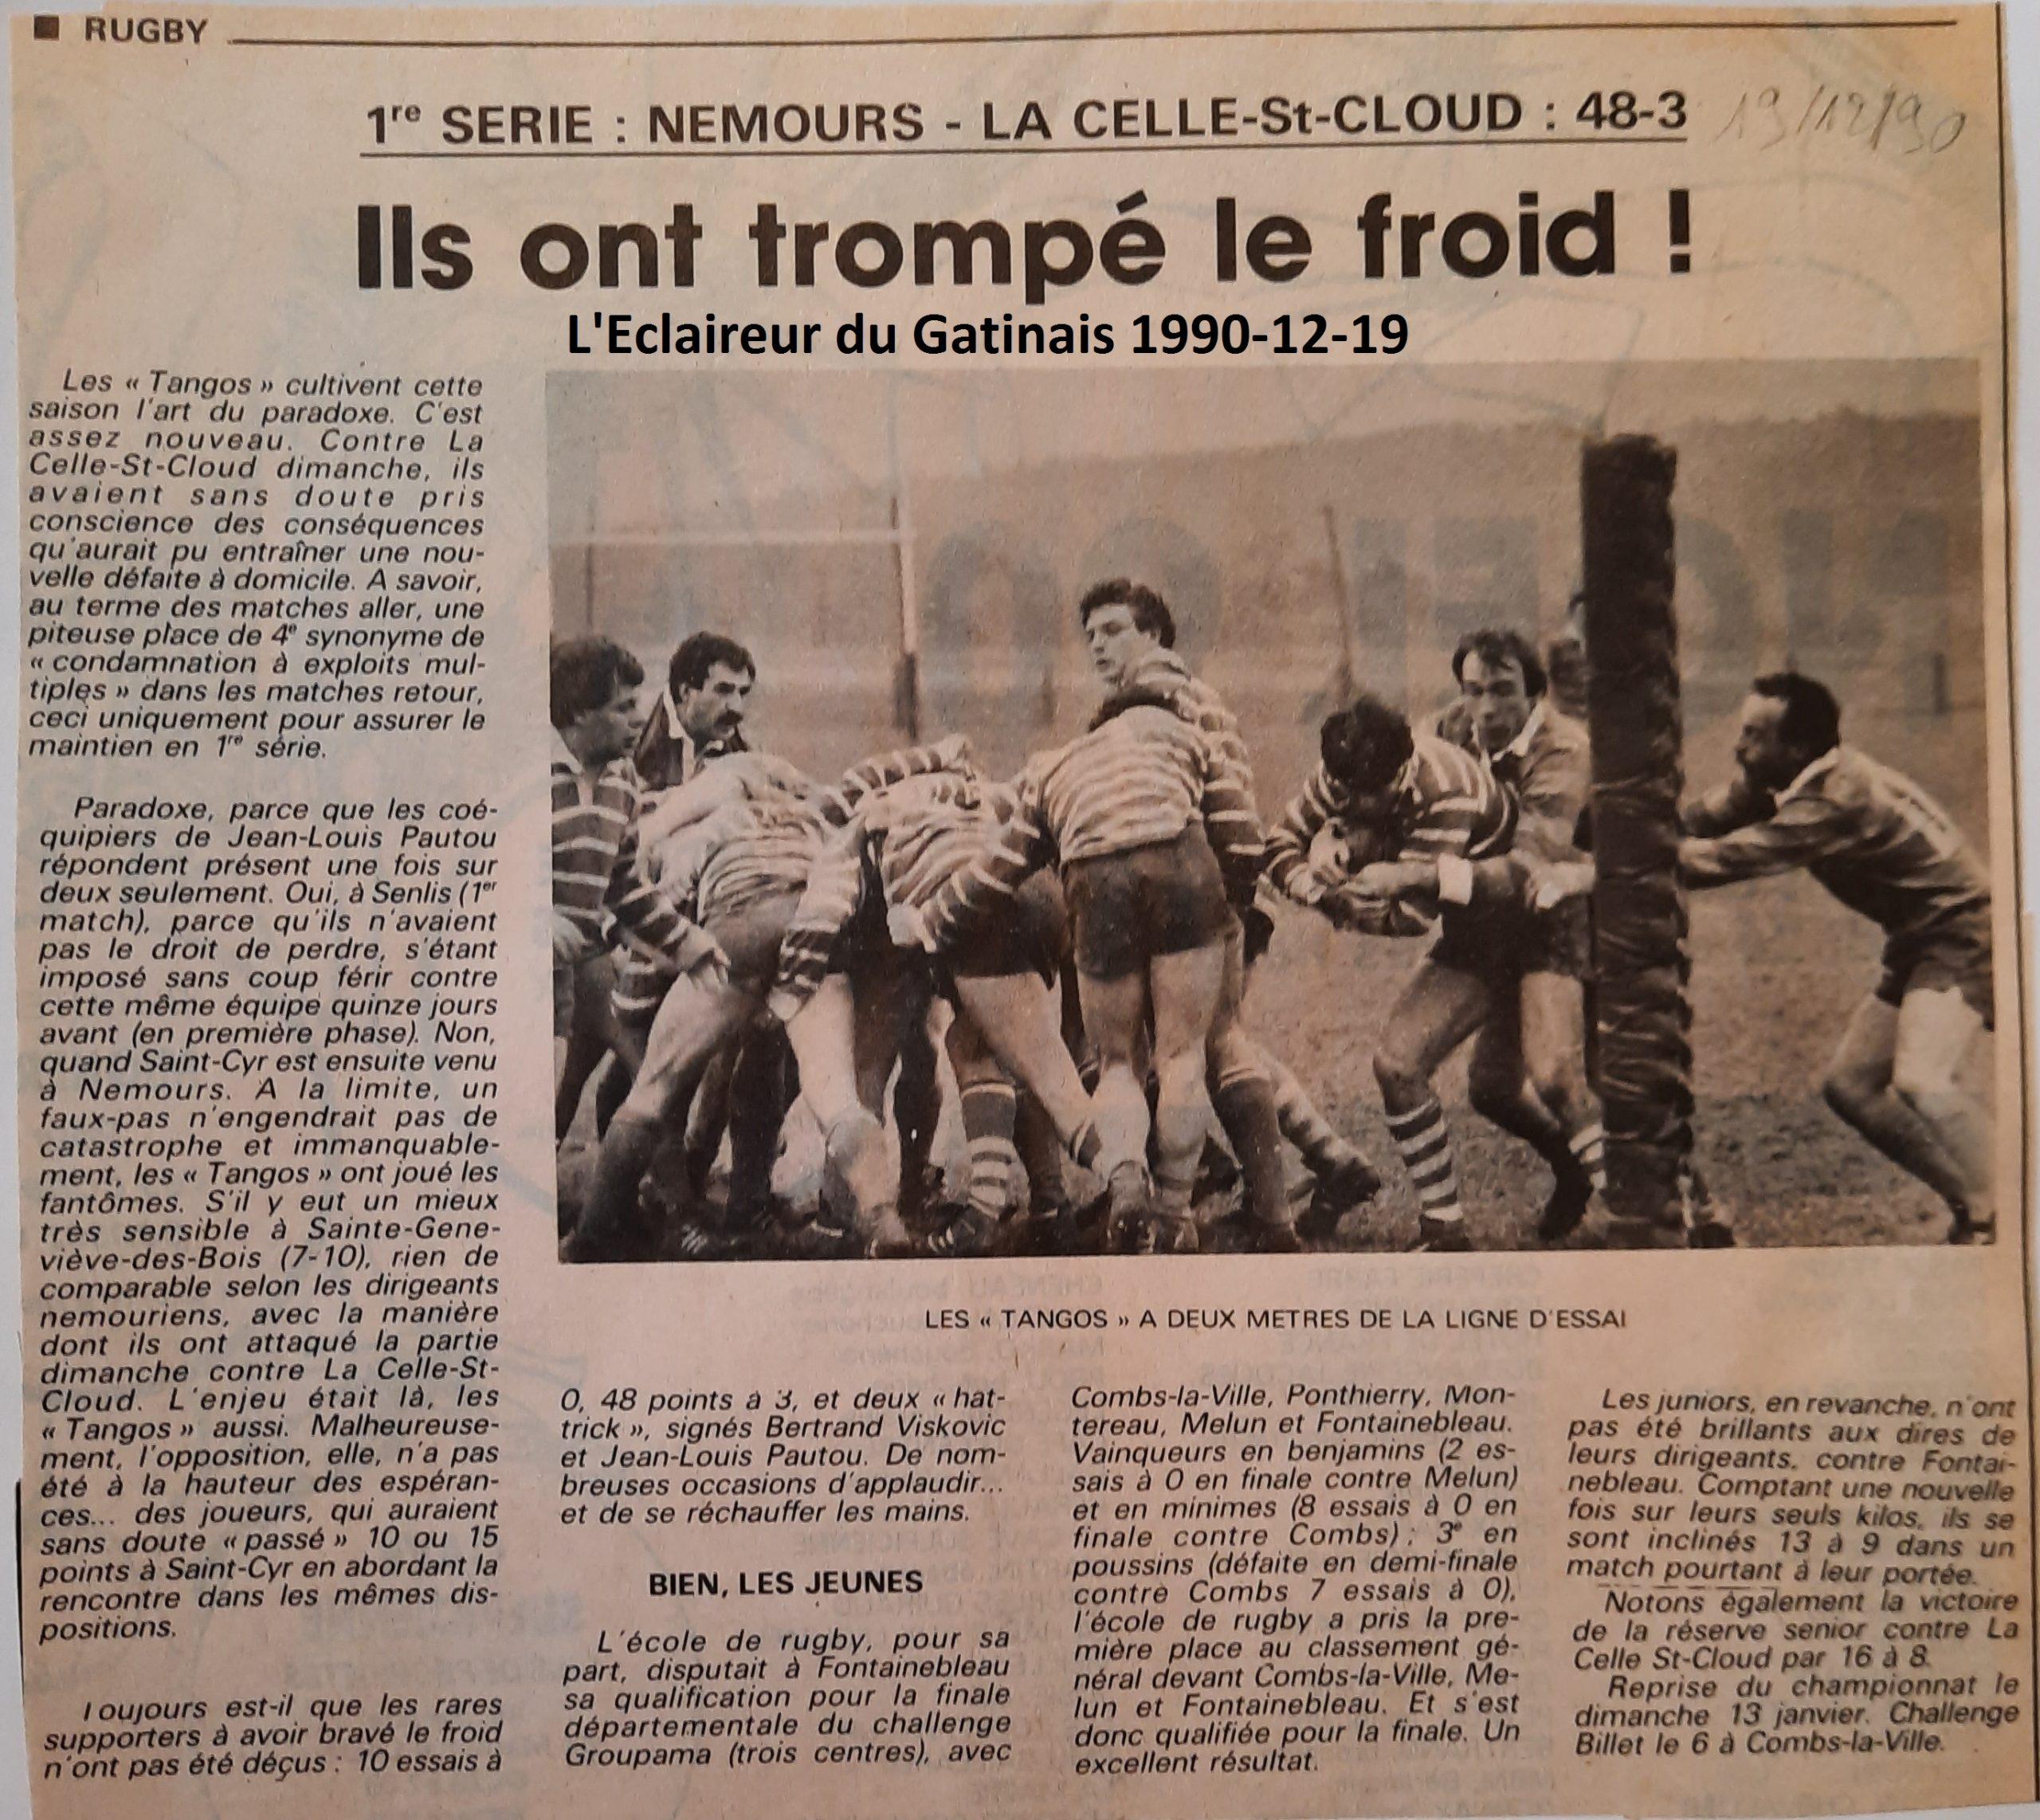 Eclaireur du Gâtinais 1990-12-19